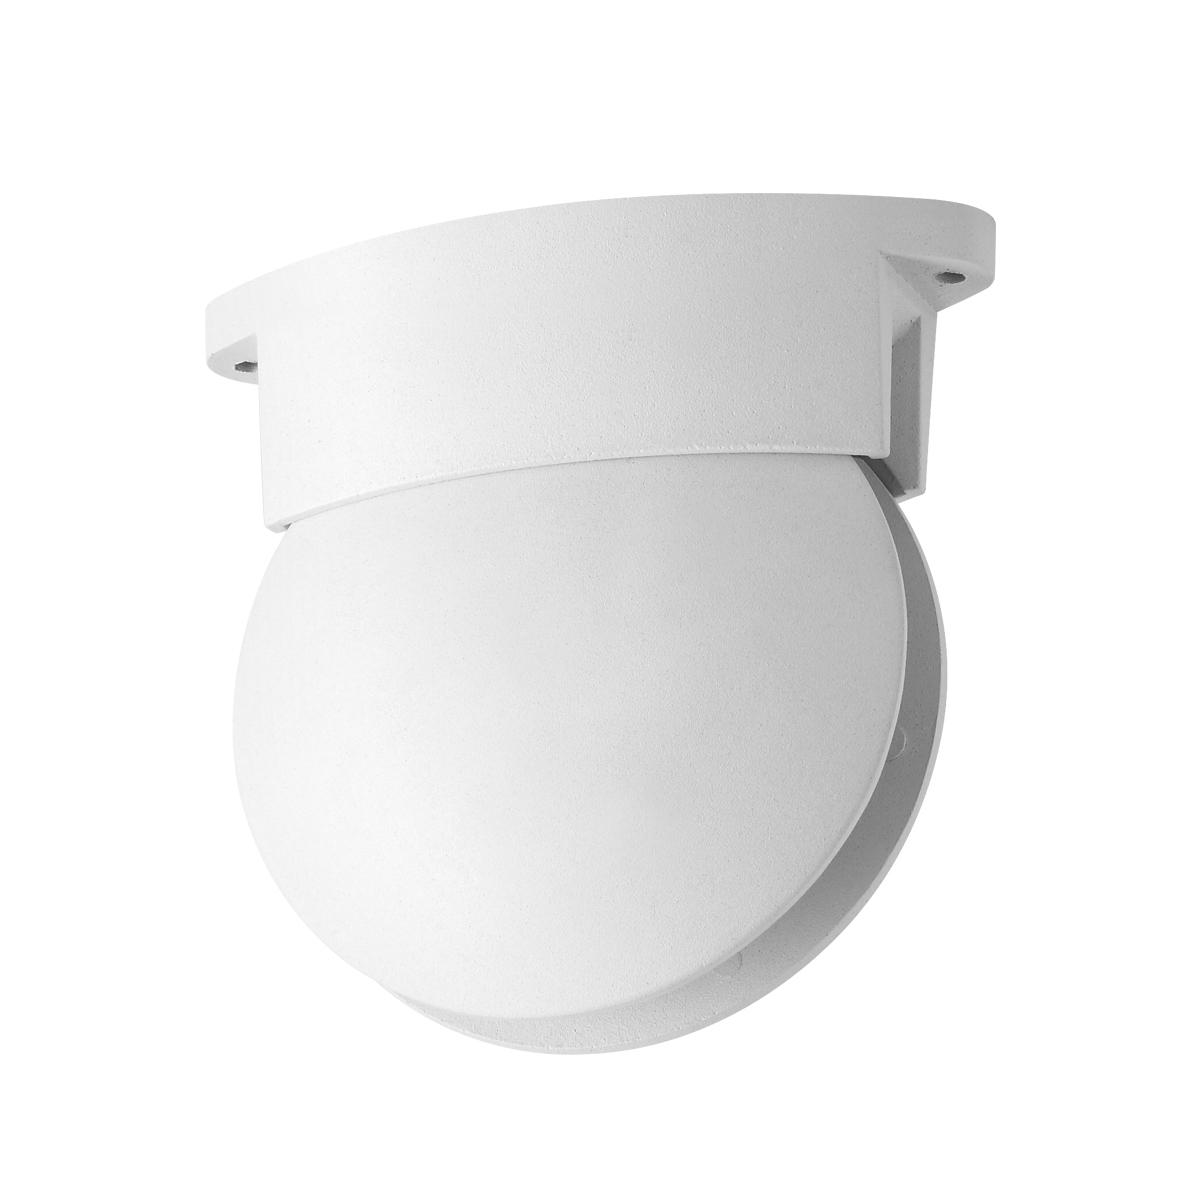 Настенный светодиодный светильник с пультом ДУ Odeon Light Arrow 3916/9CL, IP65, LED 9W 4000K + RGB 450lm - фото 3